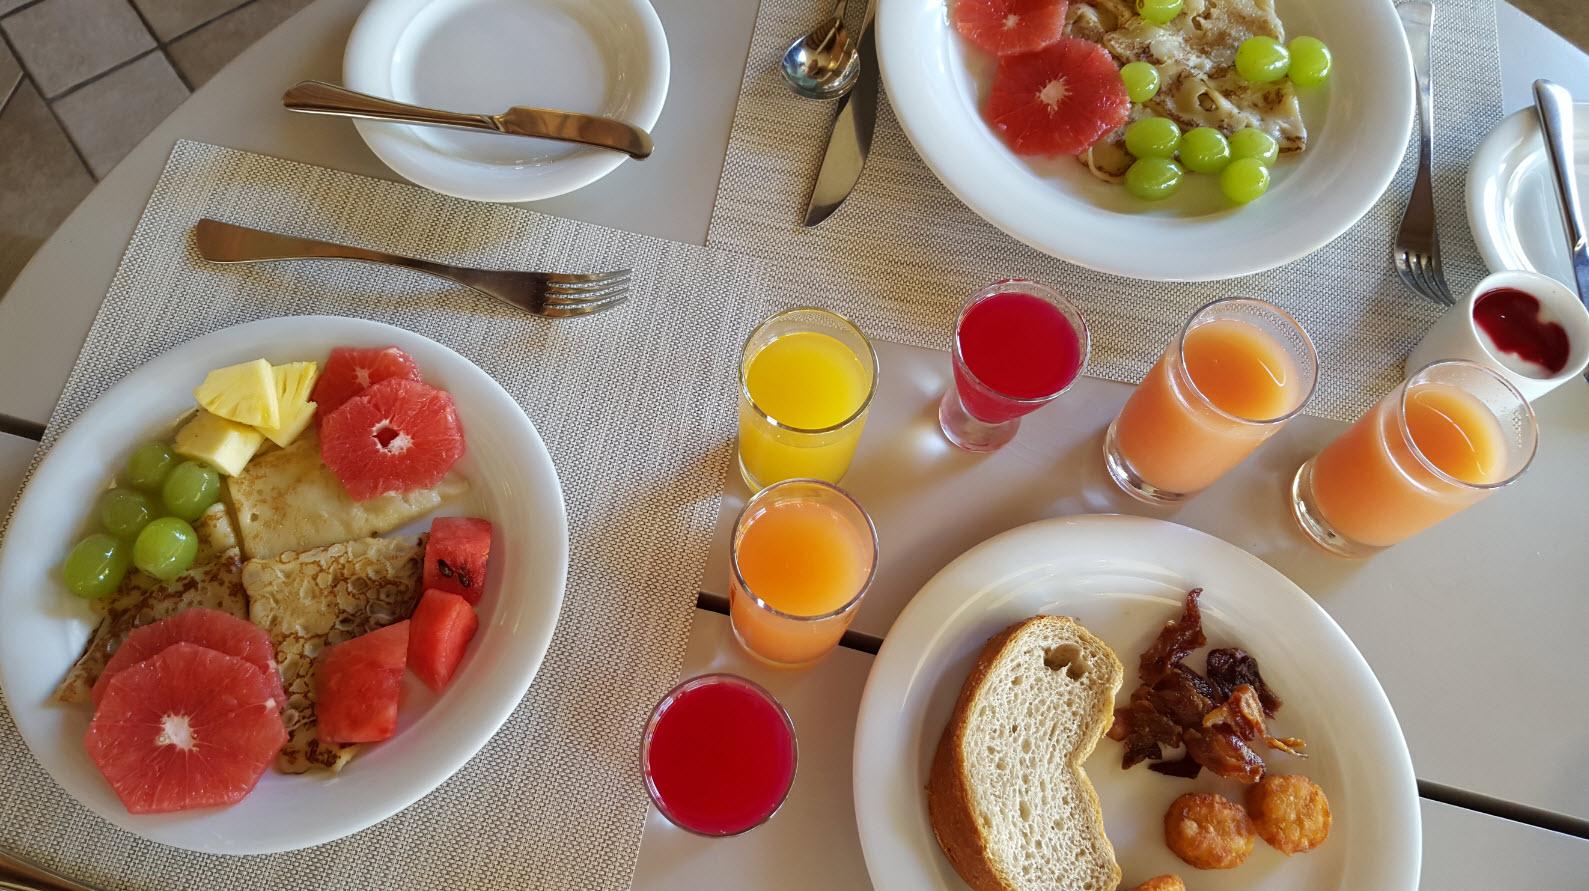 Petit-dejeuner frais et colore